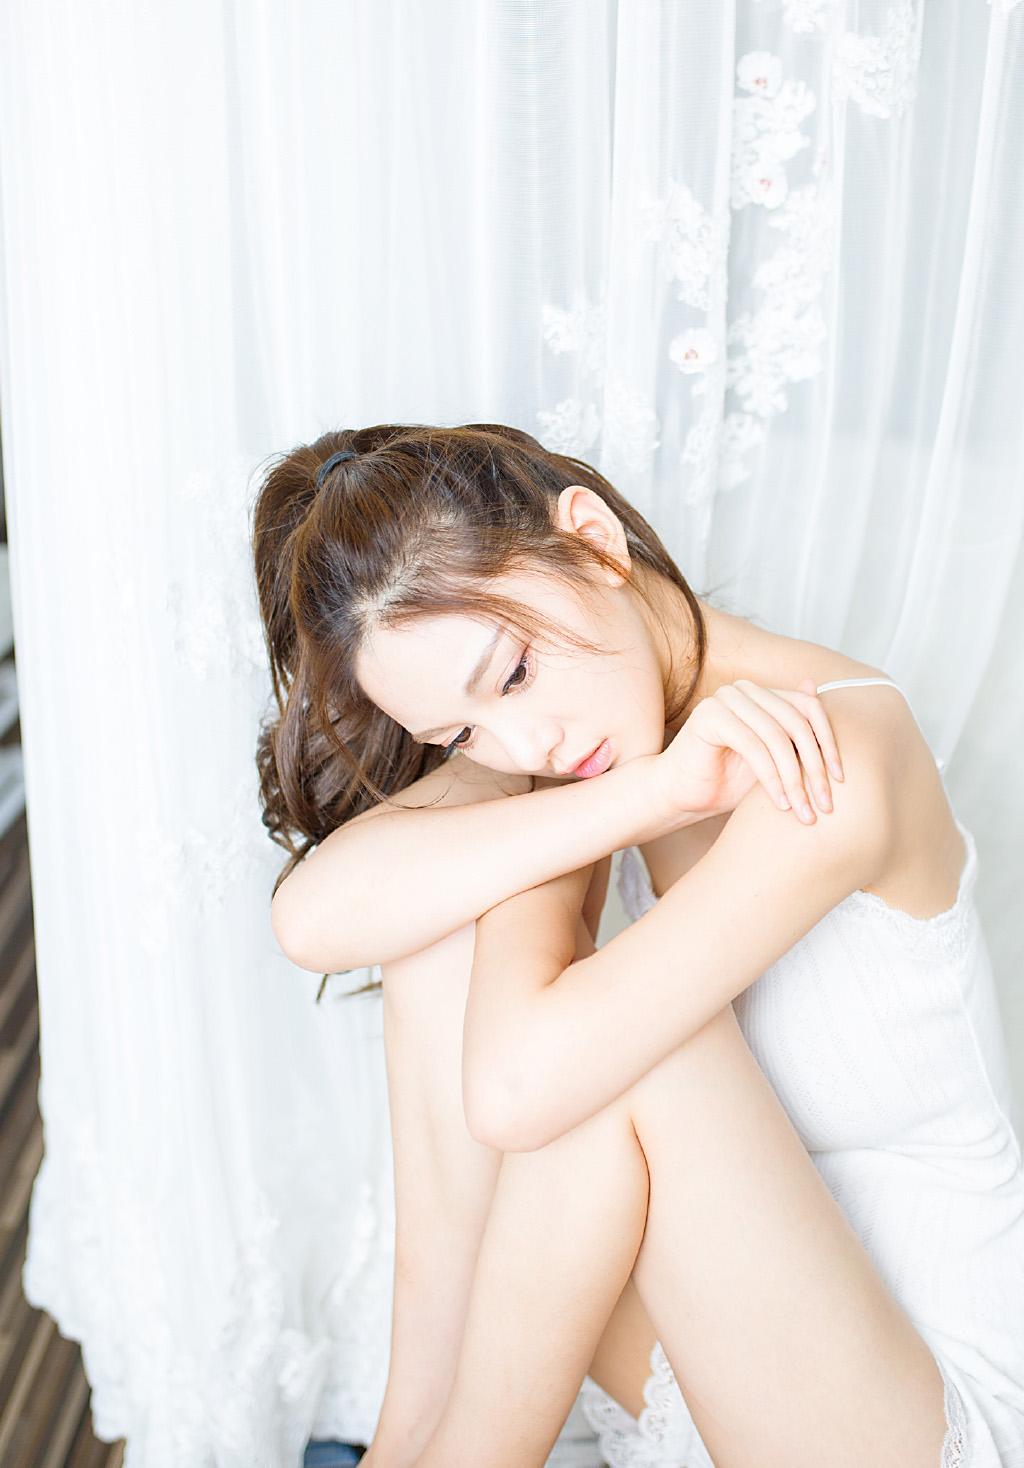 贵阳站斗地主-贵阳站斗地主APP下载 【ybvip4187.com】-华南-广东省-梅州